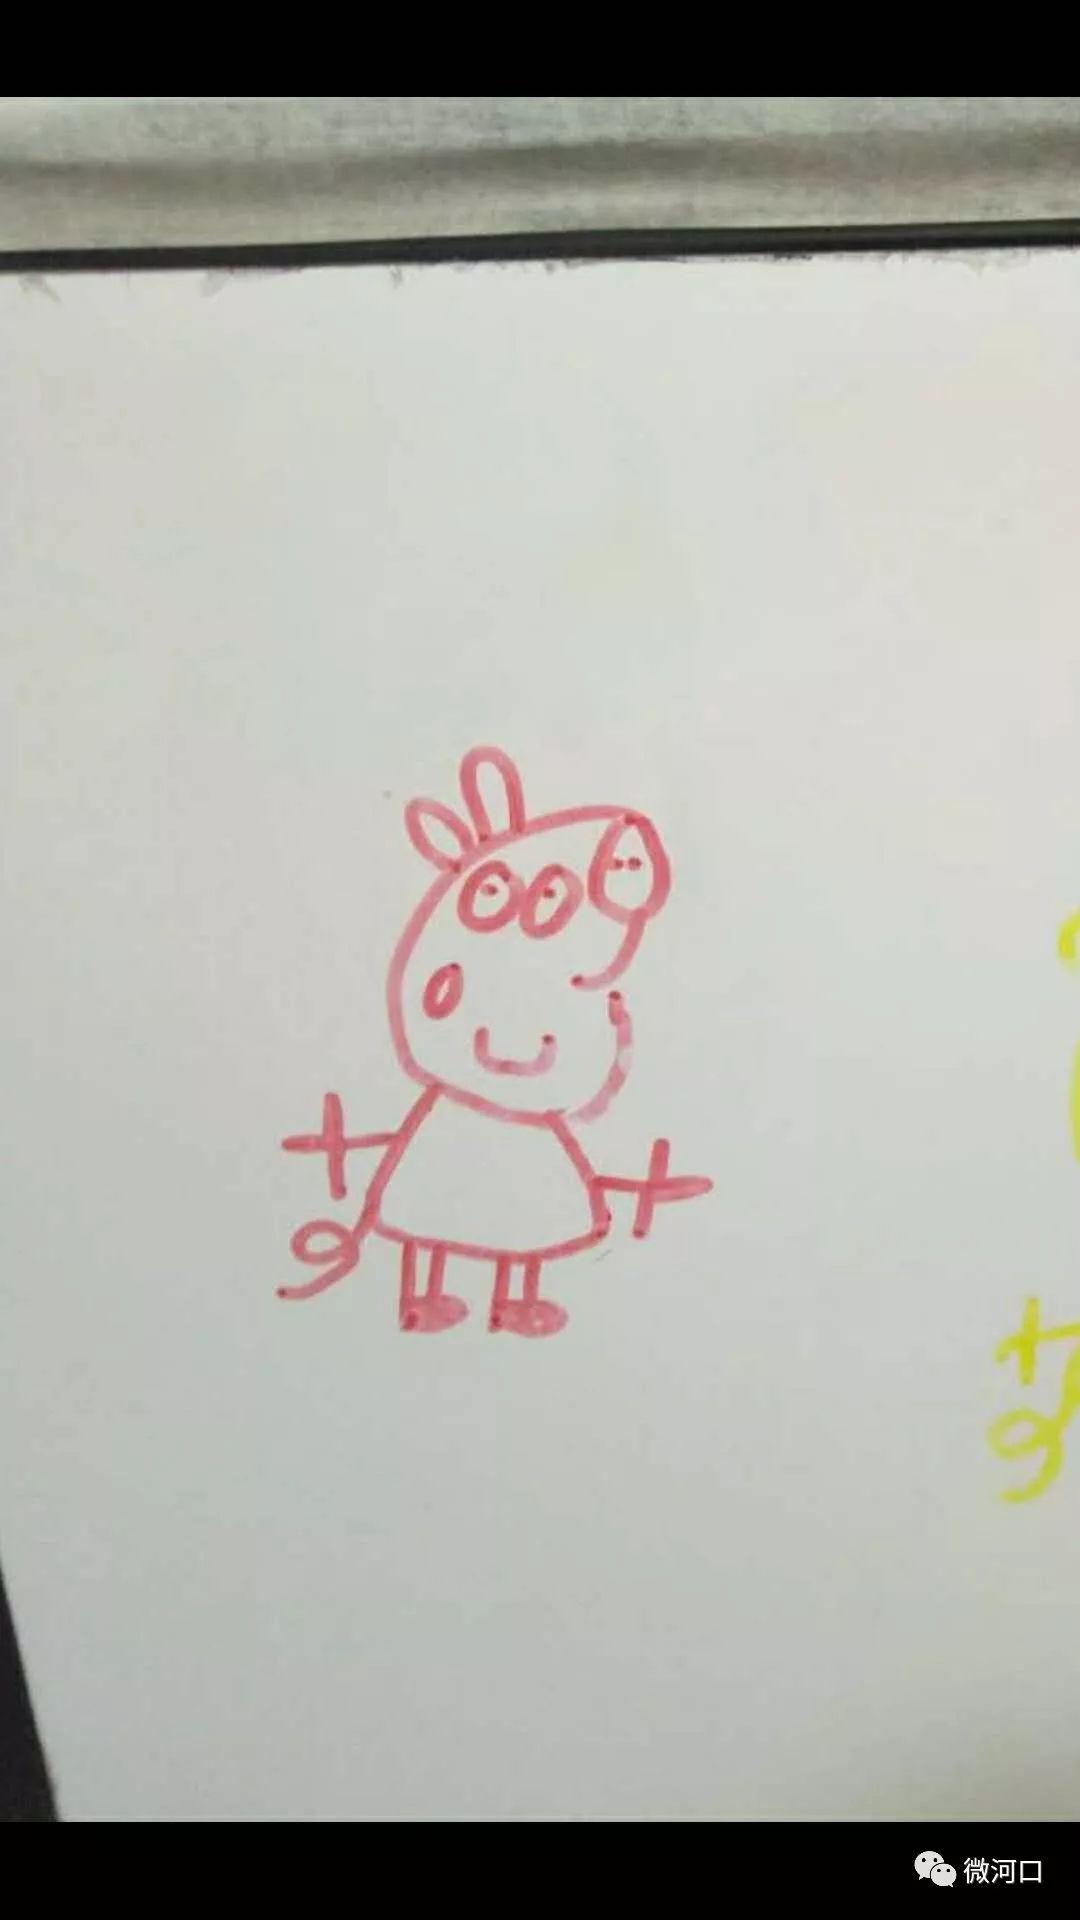 、互动的儿童简笔画画法   适合2-5岁的孩子,赶紧来参加吧   再让我们